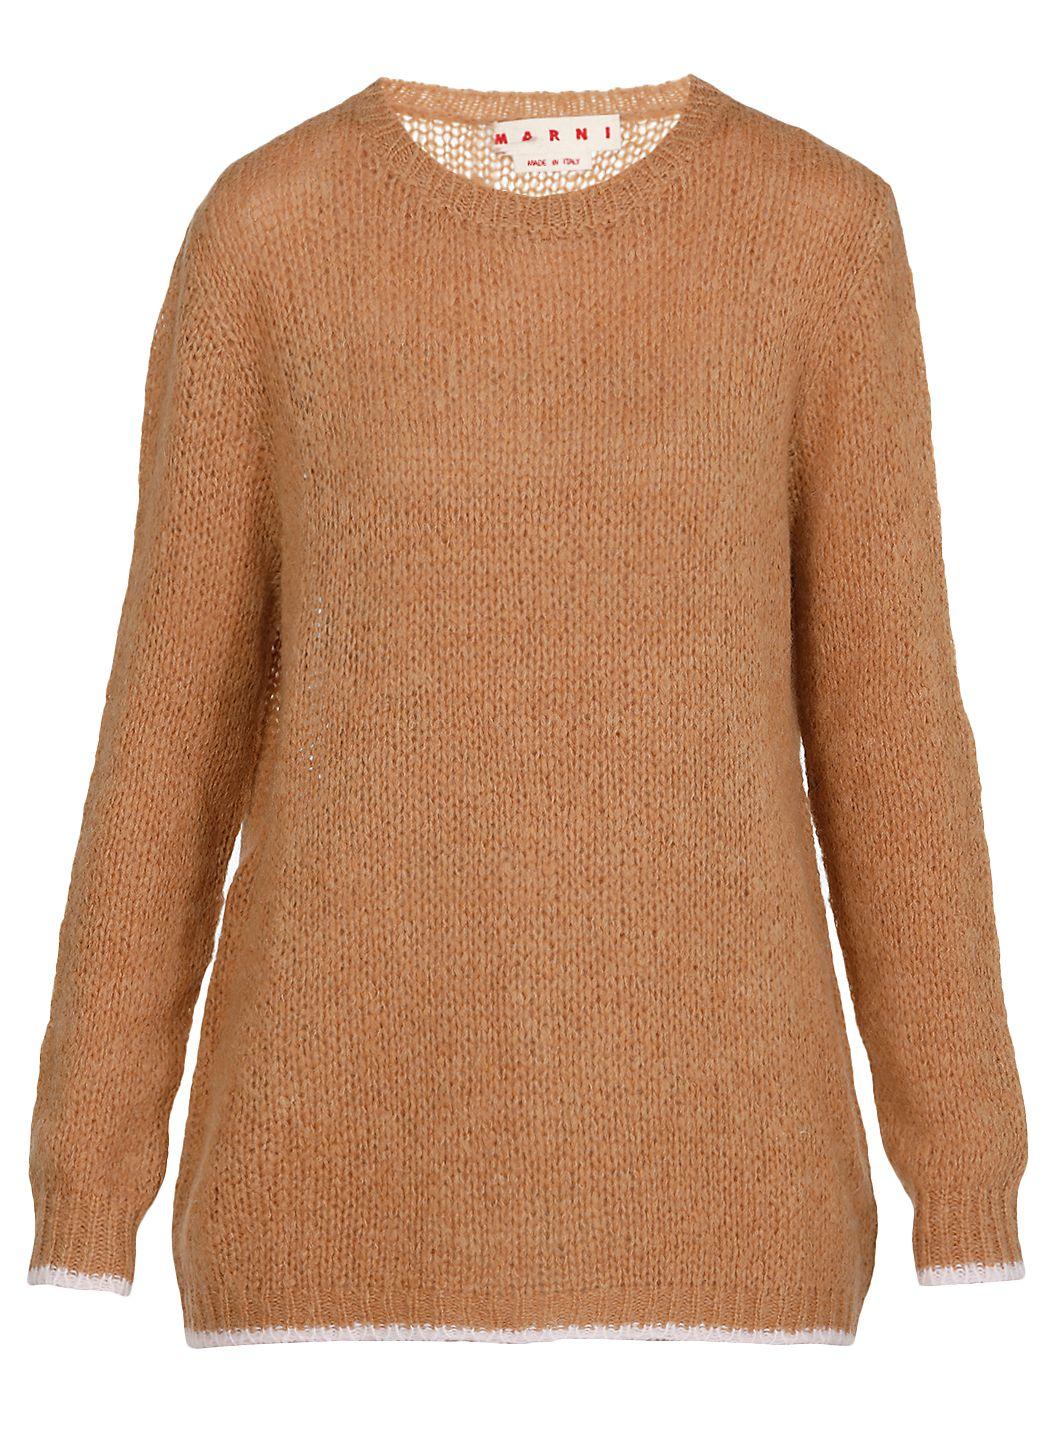 Maglia in misto lana